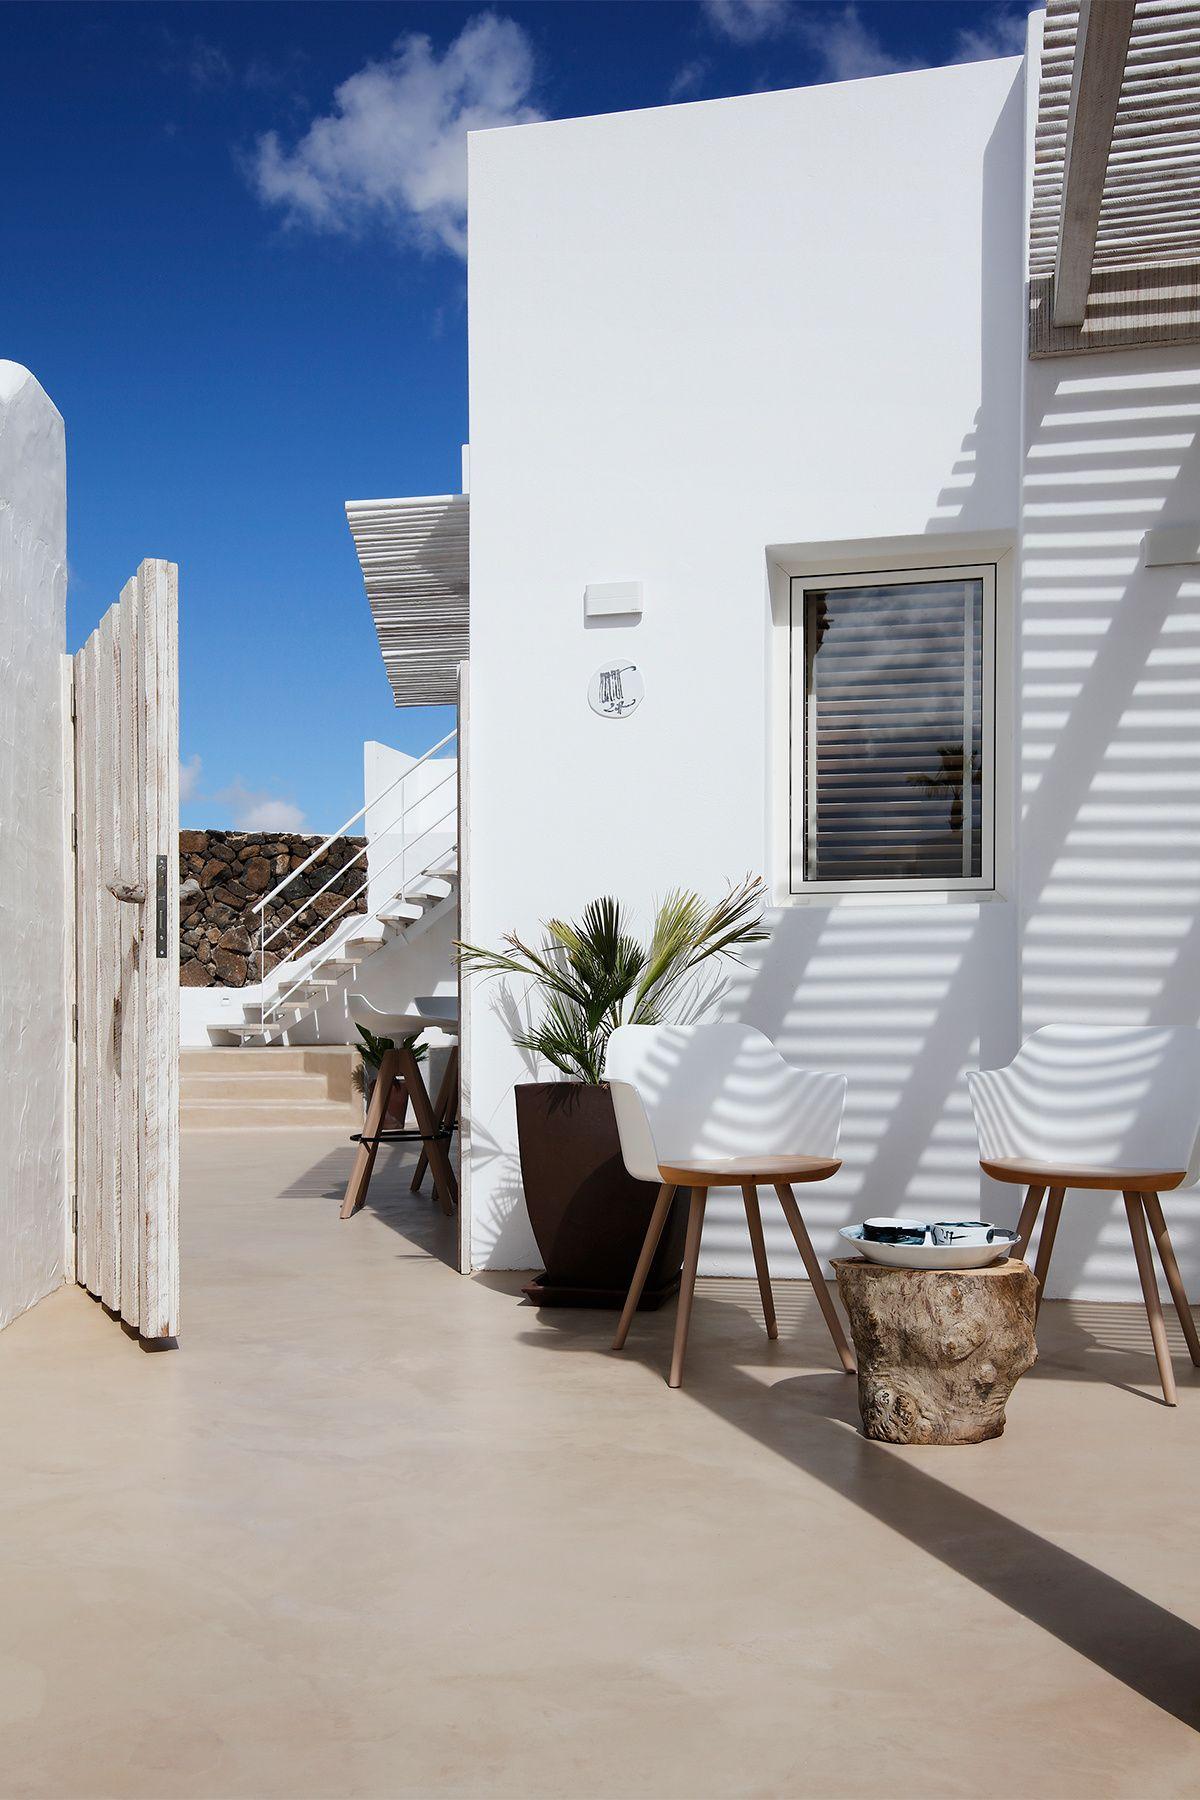 Entrada a la vivienda Casas, Decoracion de exteriores